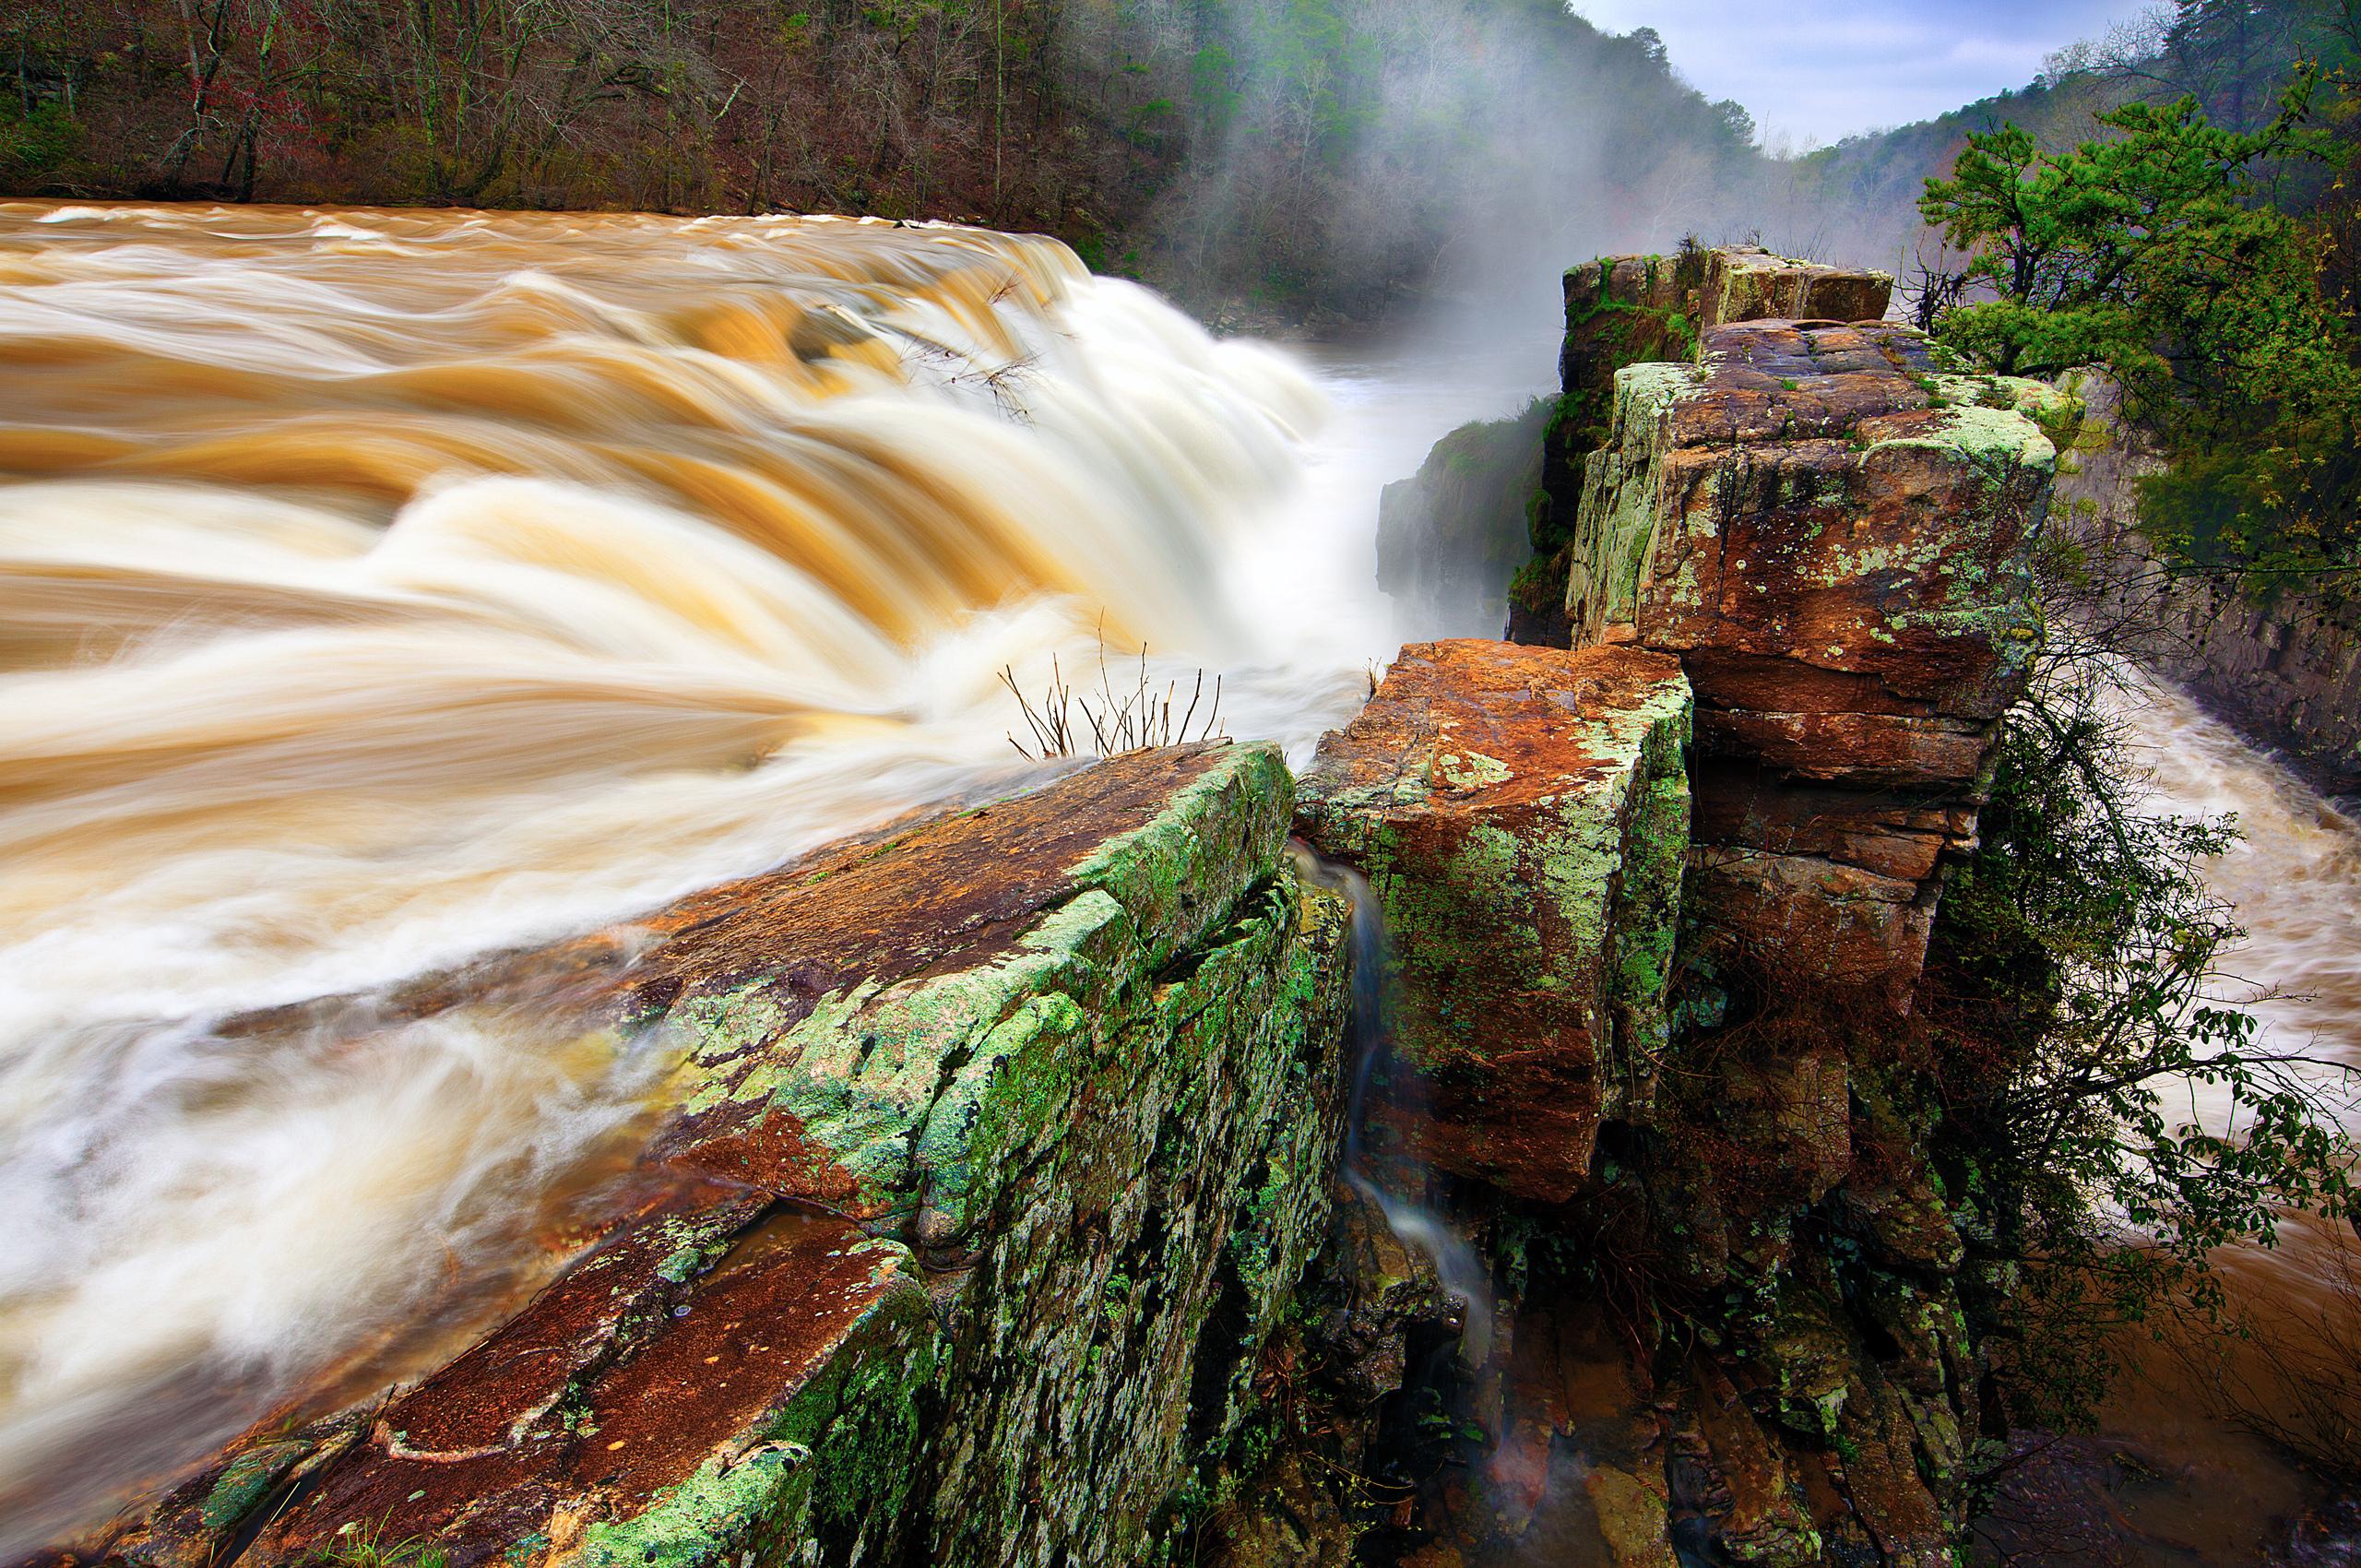 сделает картинки на рабочий стол водопады реки установлены периметру машины